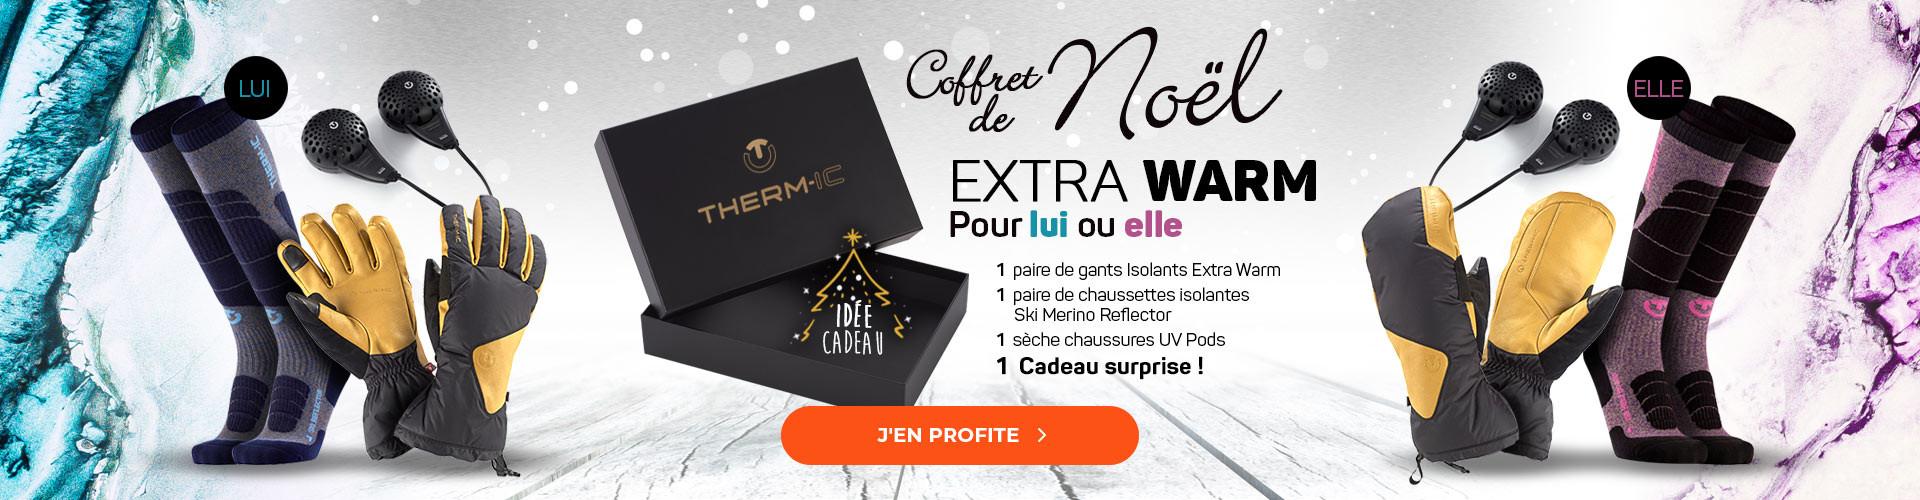 Découvrez notre box de Noël Extra Warm, parfaite pour ne plus avoir froid aux pieds ni aux mains !